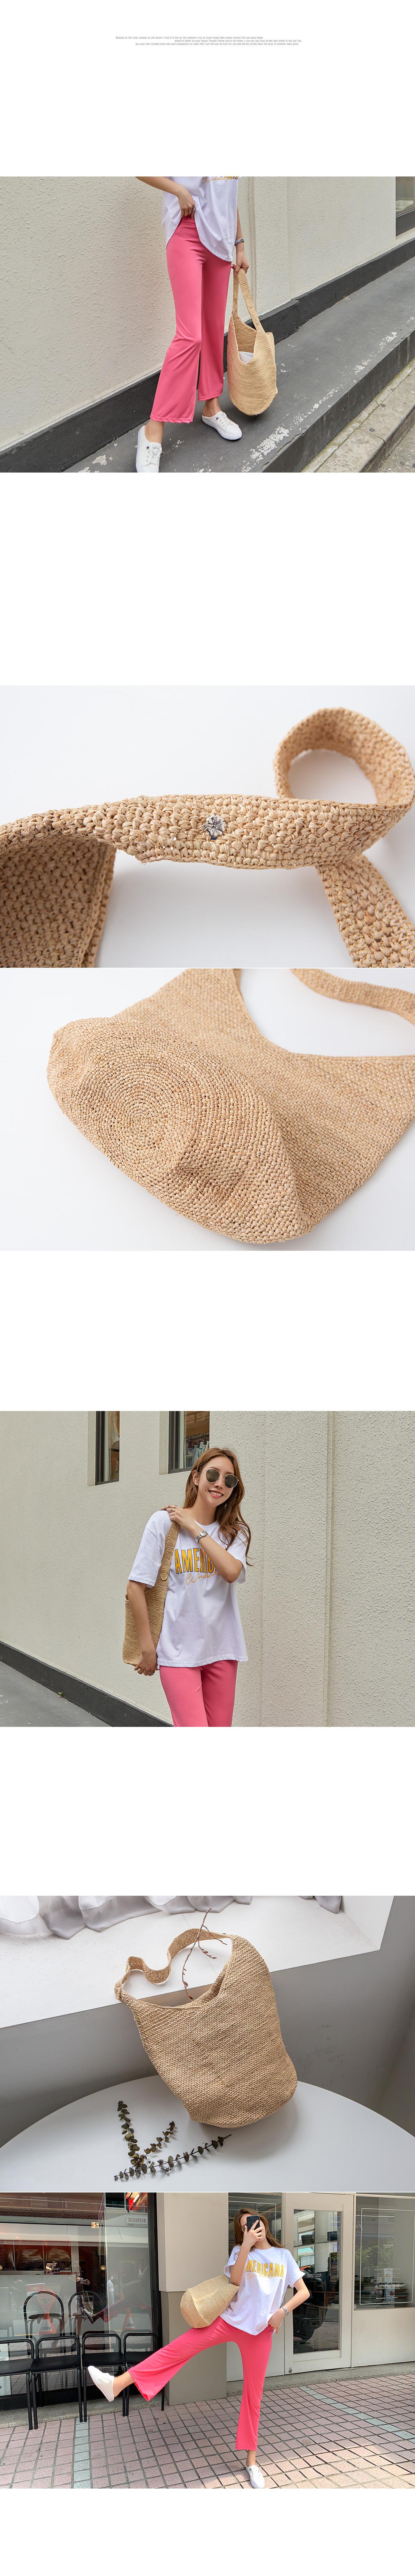 Summer raffia bag #86202